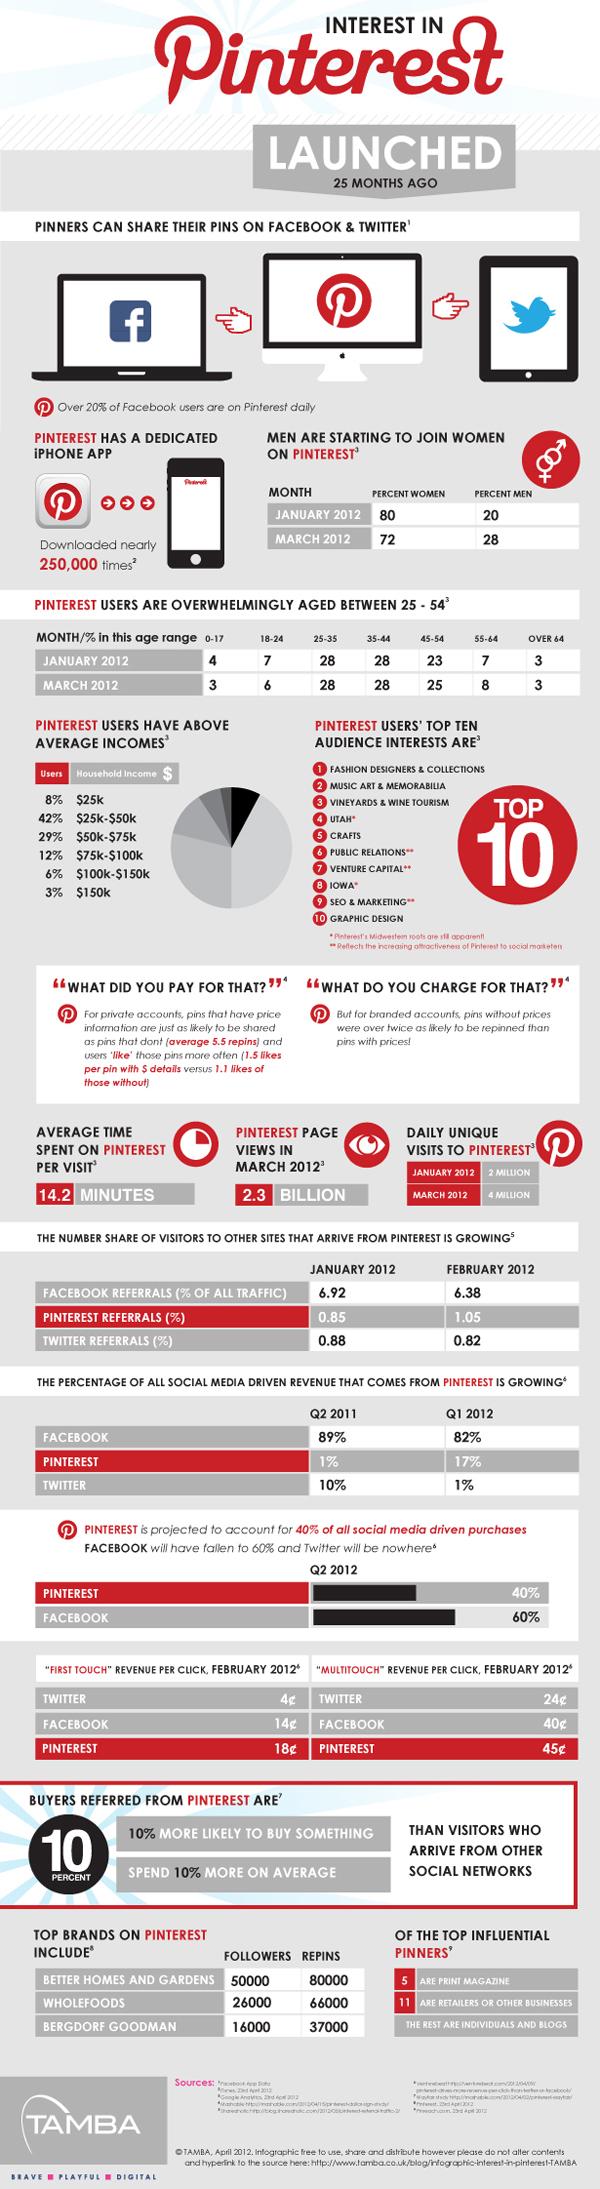 L'interesse per #Pinterest ha raggiunto il suo massimo? [Infografica]